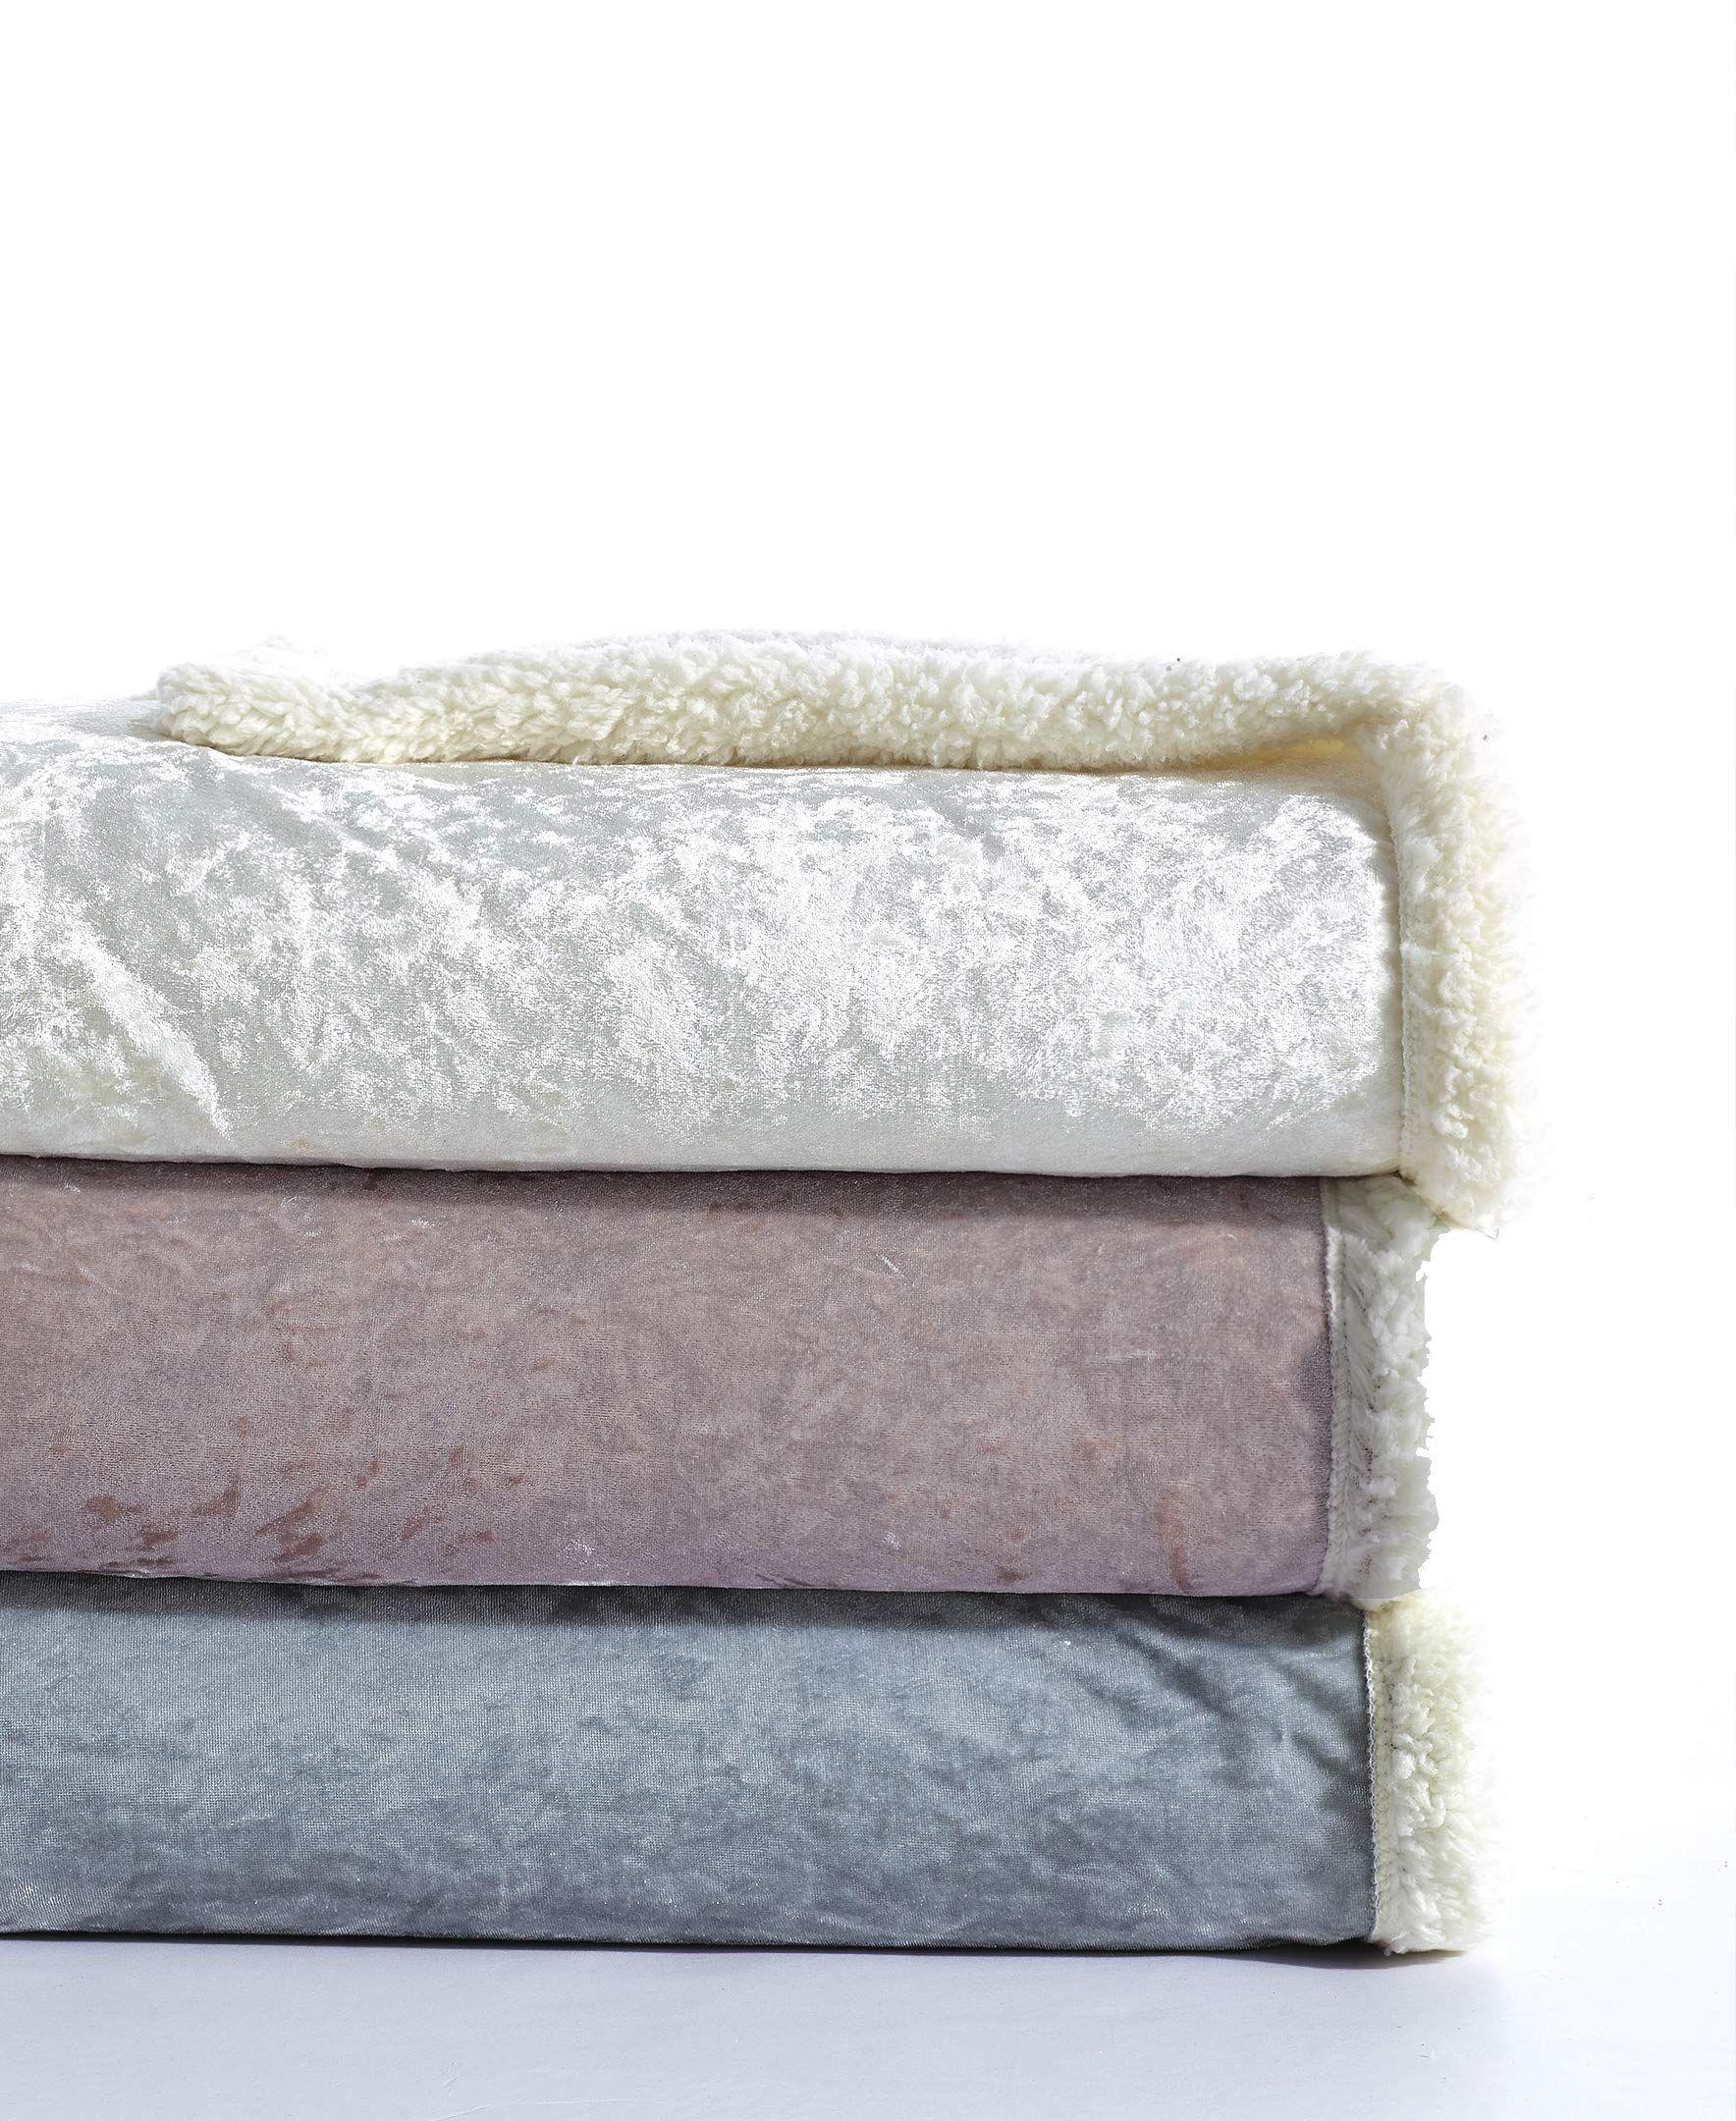 De moocci velvet crush sherpa throw blanket for couch 50 x